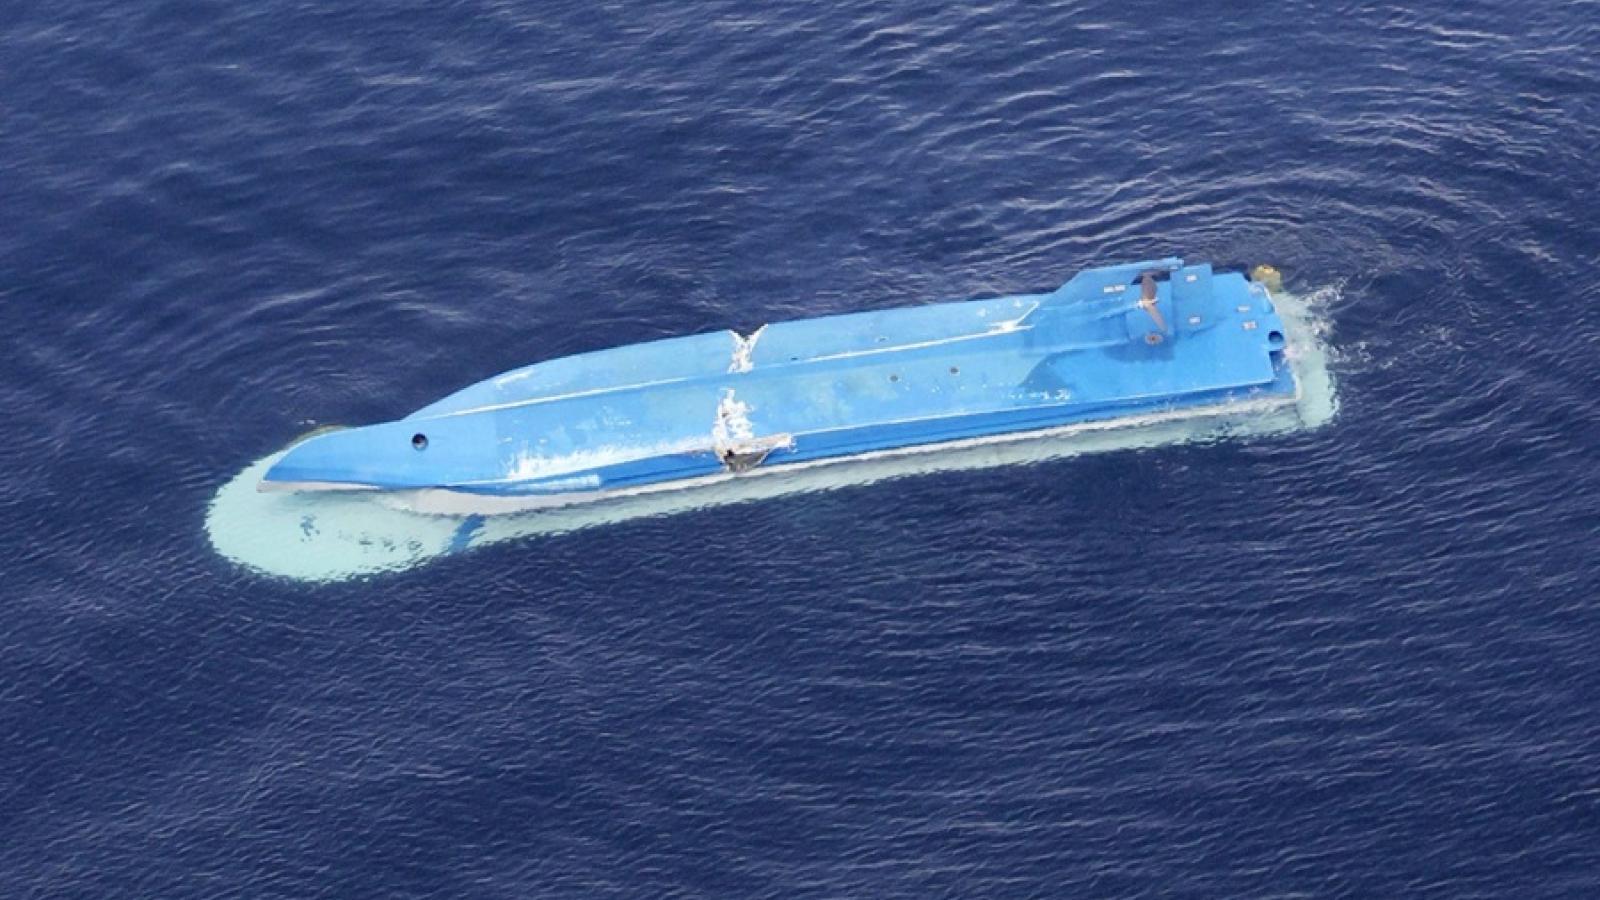 Nhật Bản cáo buộc thuyền viên người Nga sơ suất dẫn đến chết người